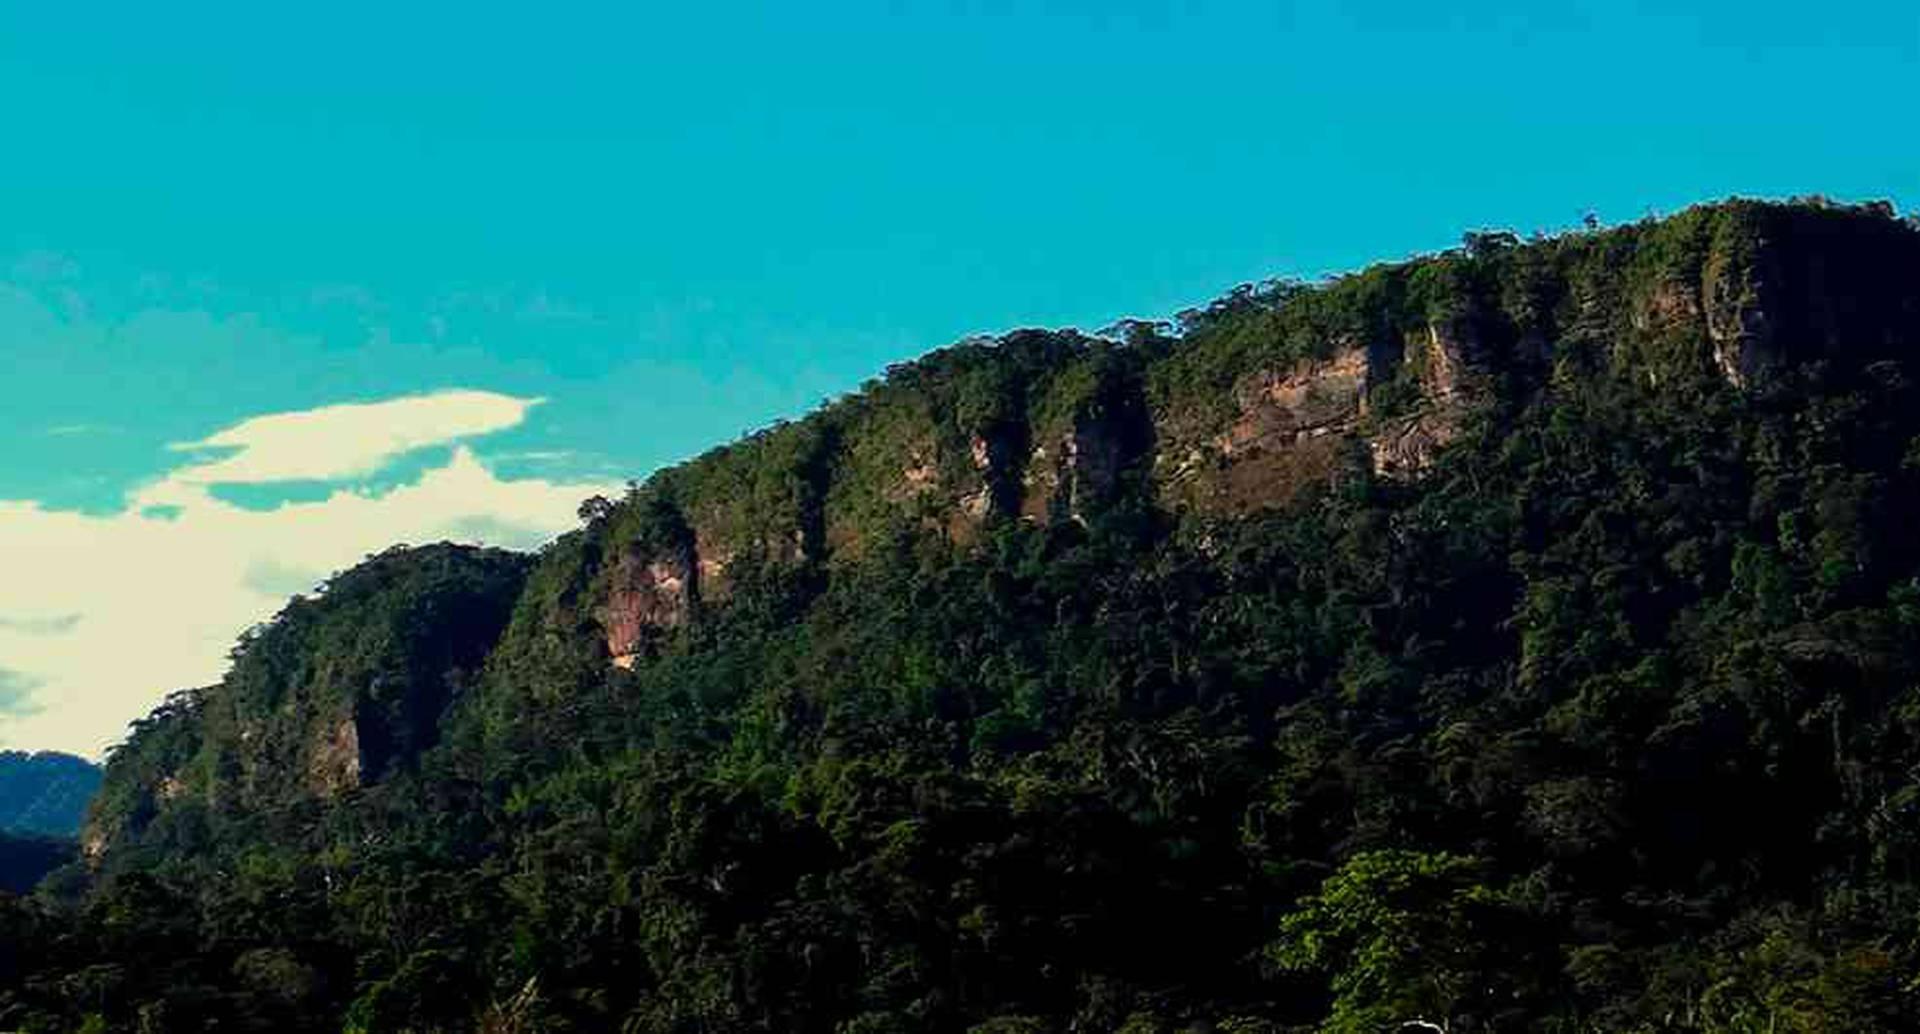 Las áreas protegidas están siendo seriamente afectadas por la deforestación.